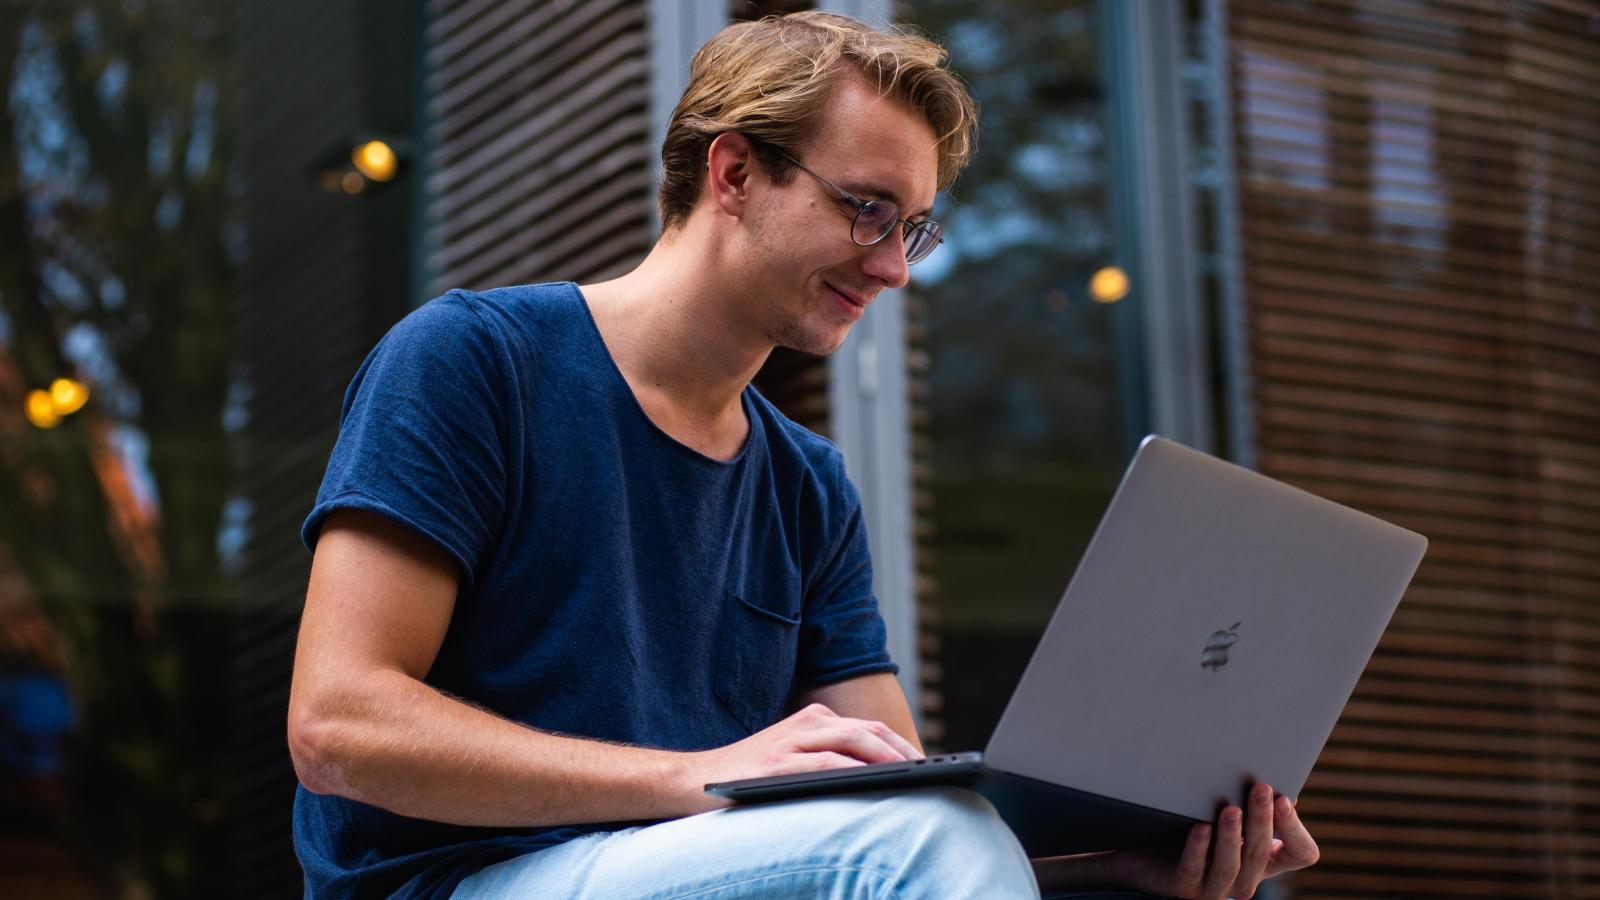 E-Learning Capability